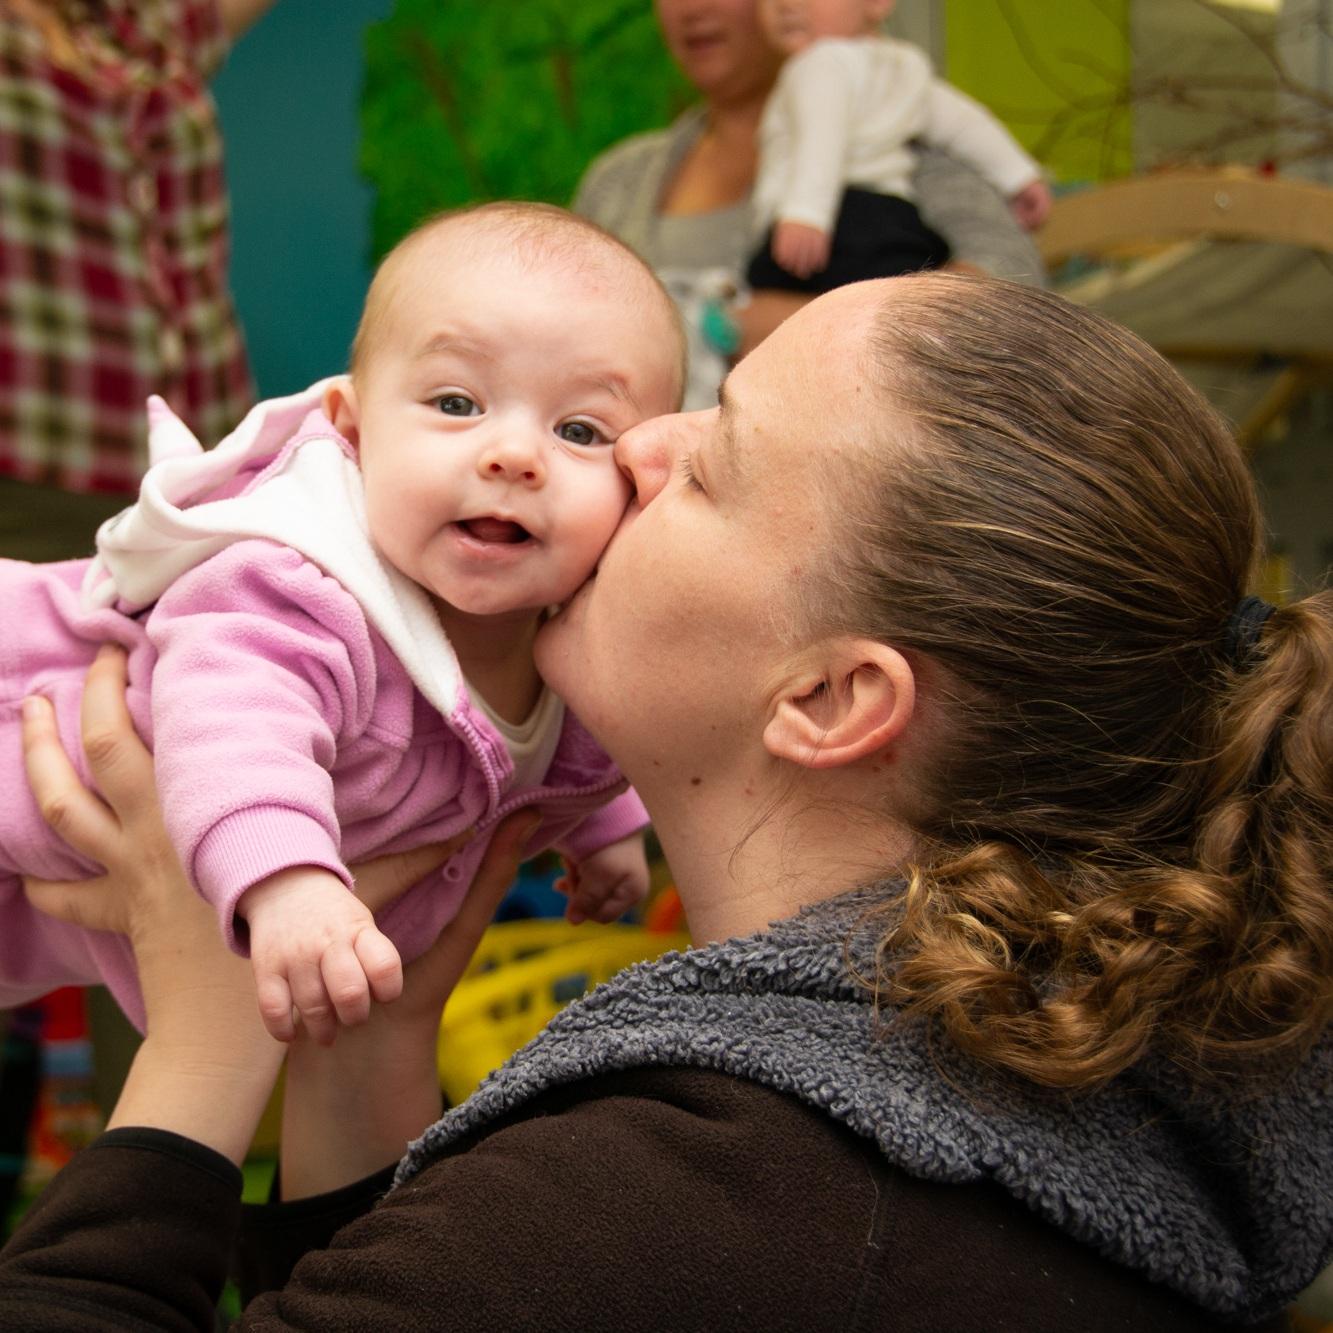 ….In need of support for your new born, baby or toddler?..Besoin de conseils pour votre nouveau-né, votre bébé ou votre tout-petit?…. -